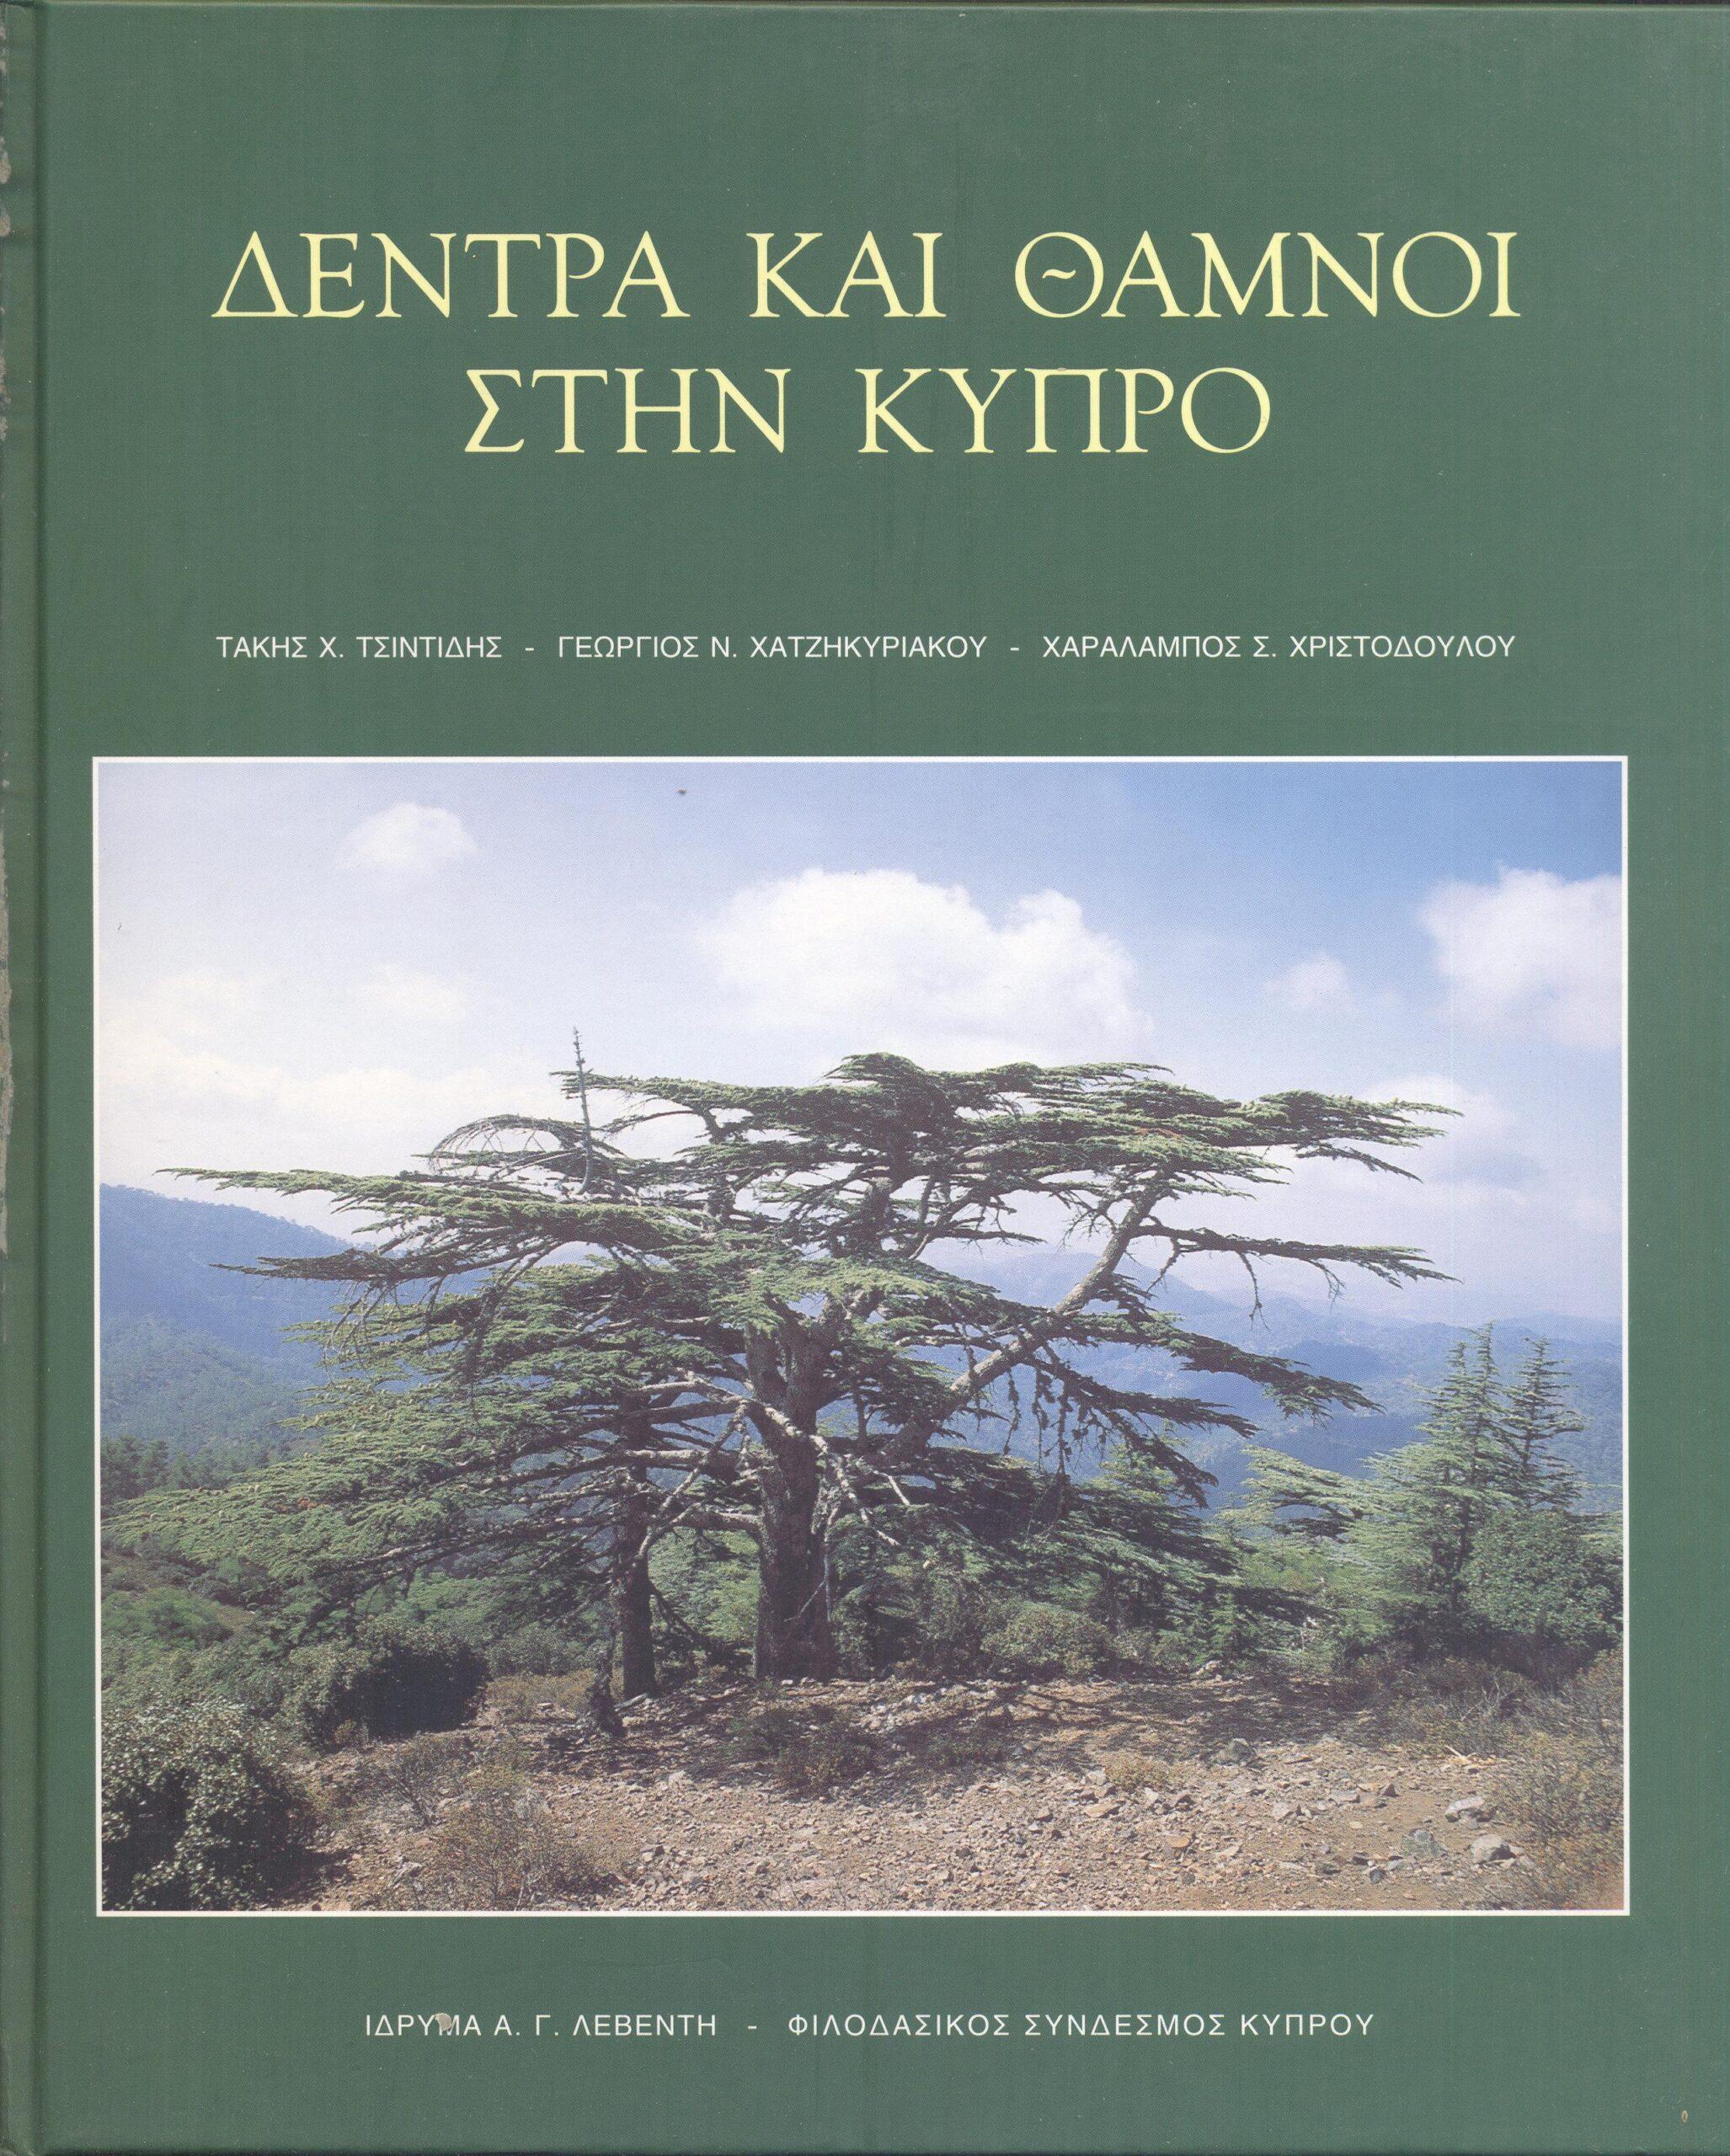 Δέντρα και θάμνοι της Κύπρου